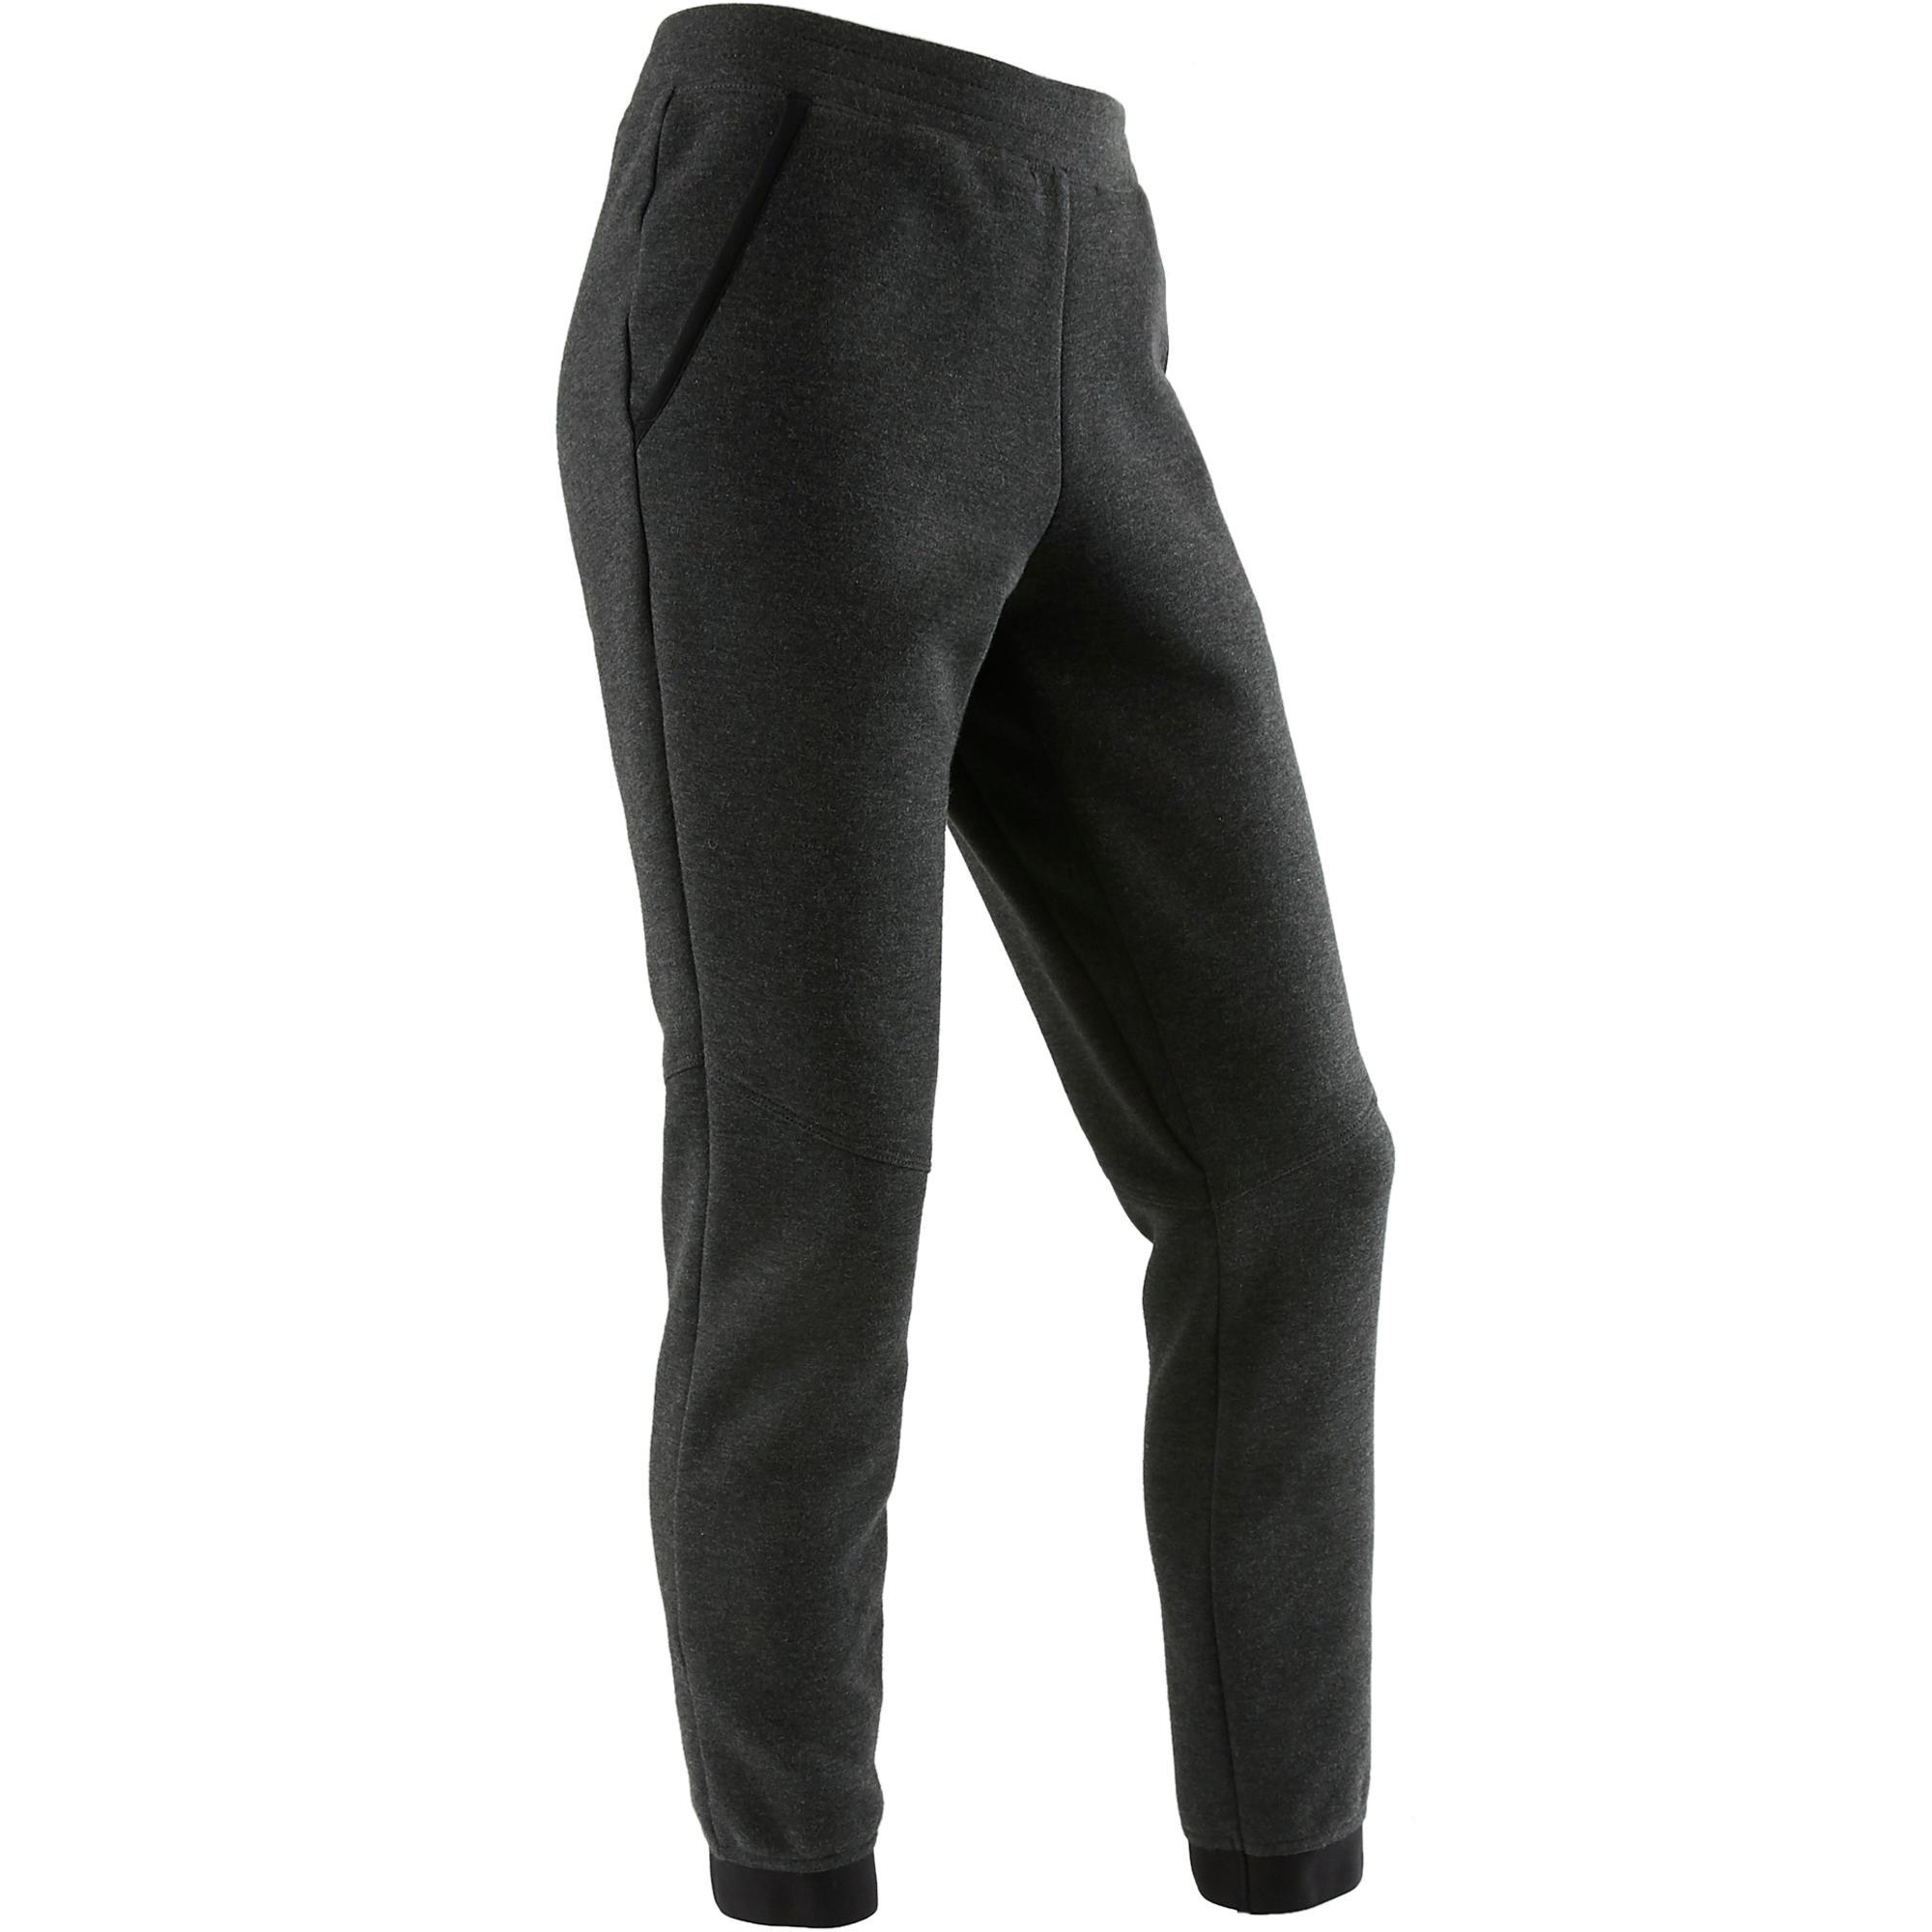 Pantalon spacer 500 Gymnastique fille gris foncé